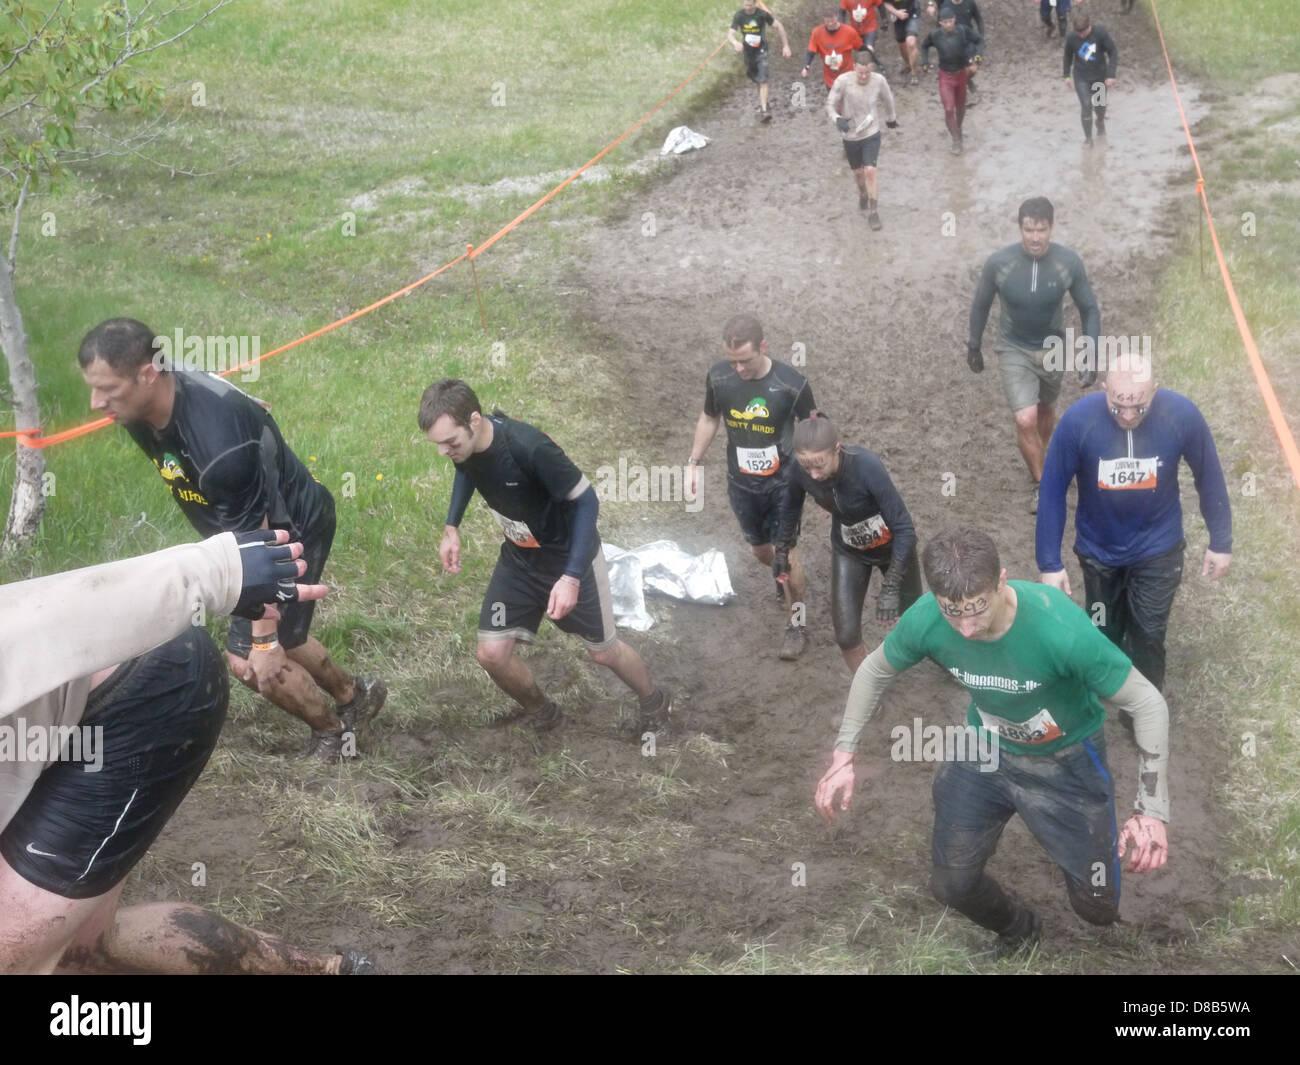 tough mudder people walking on mud - Stock Image